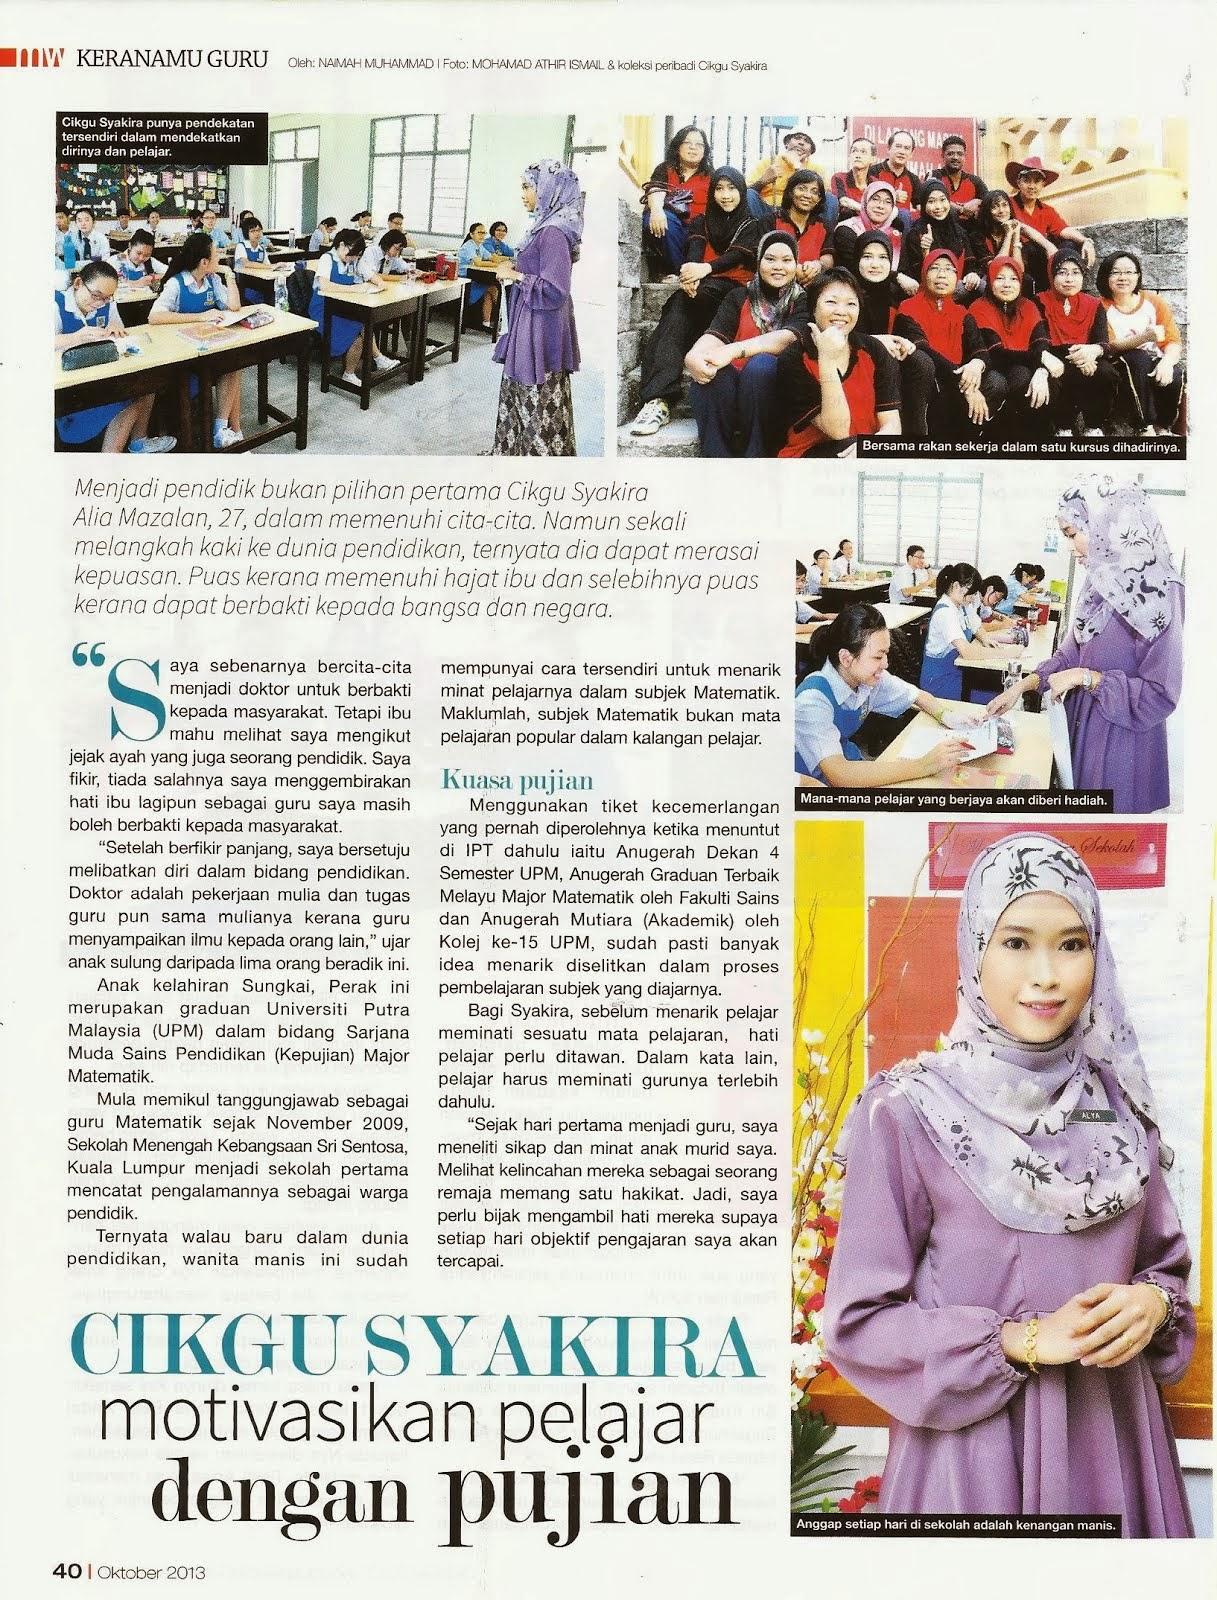 Majalah MINGGUAN WANITA (4-10 Okt 2013)